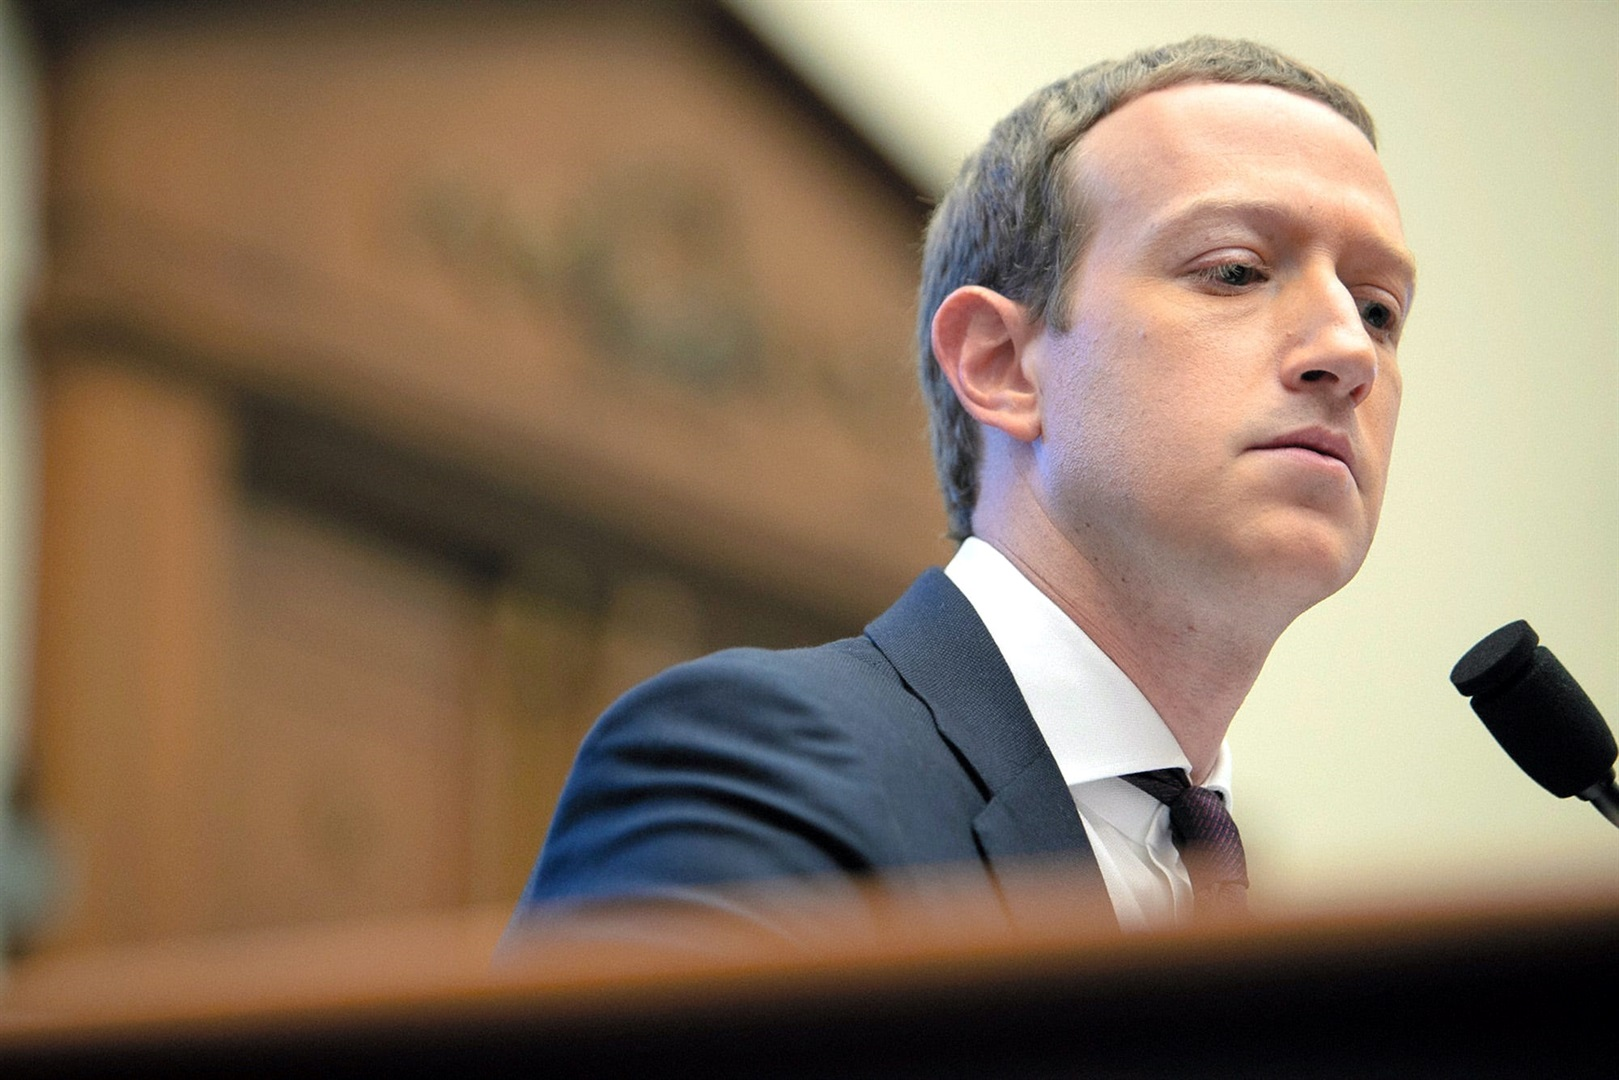 فیسبوک ۵ ماه قبل از حادثه کنگره در جریان خشونت در گروهها بود، ولی اقدامی نکرد